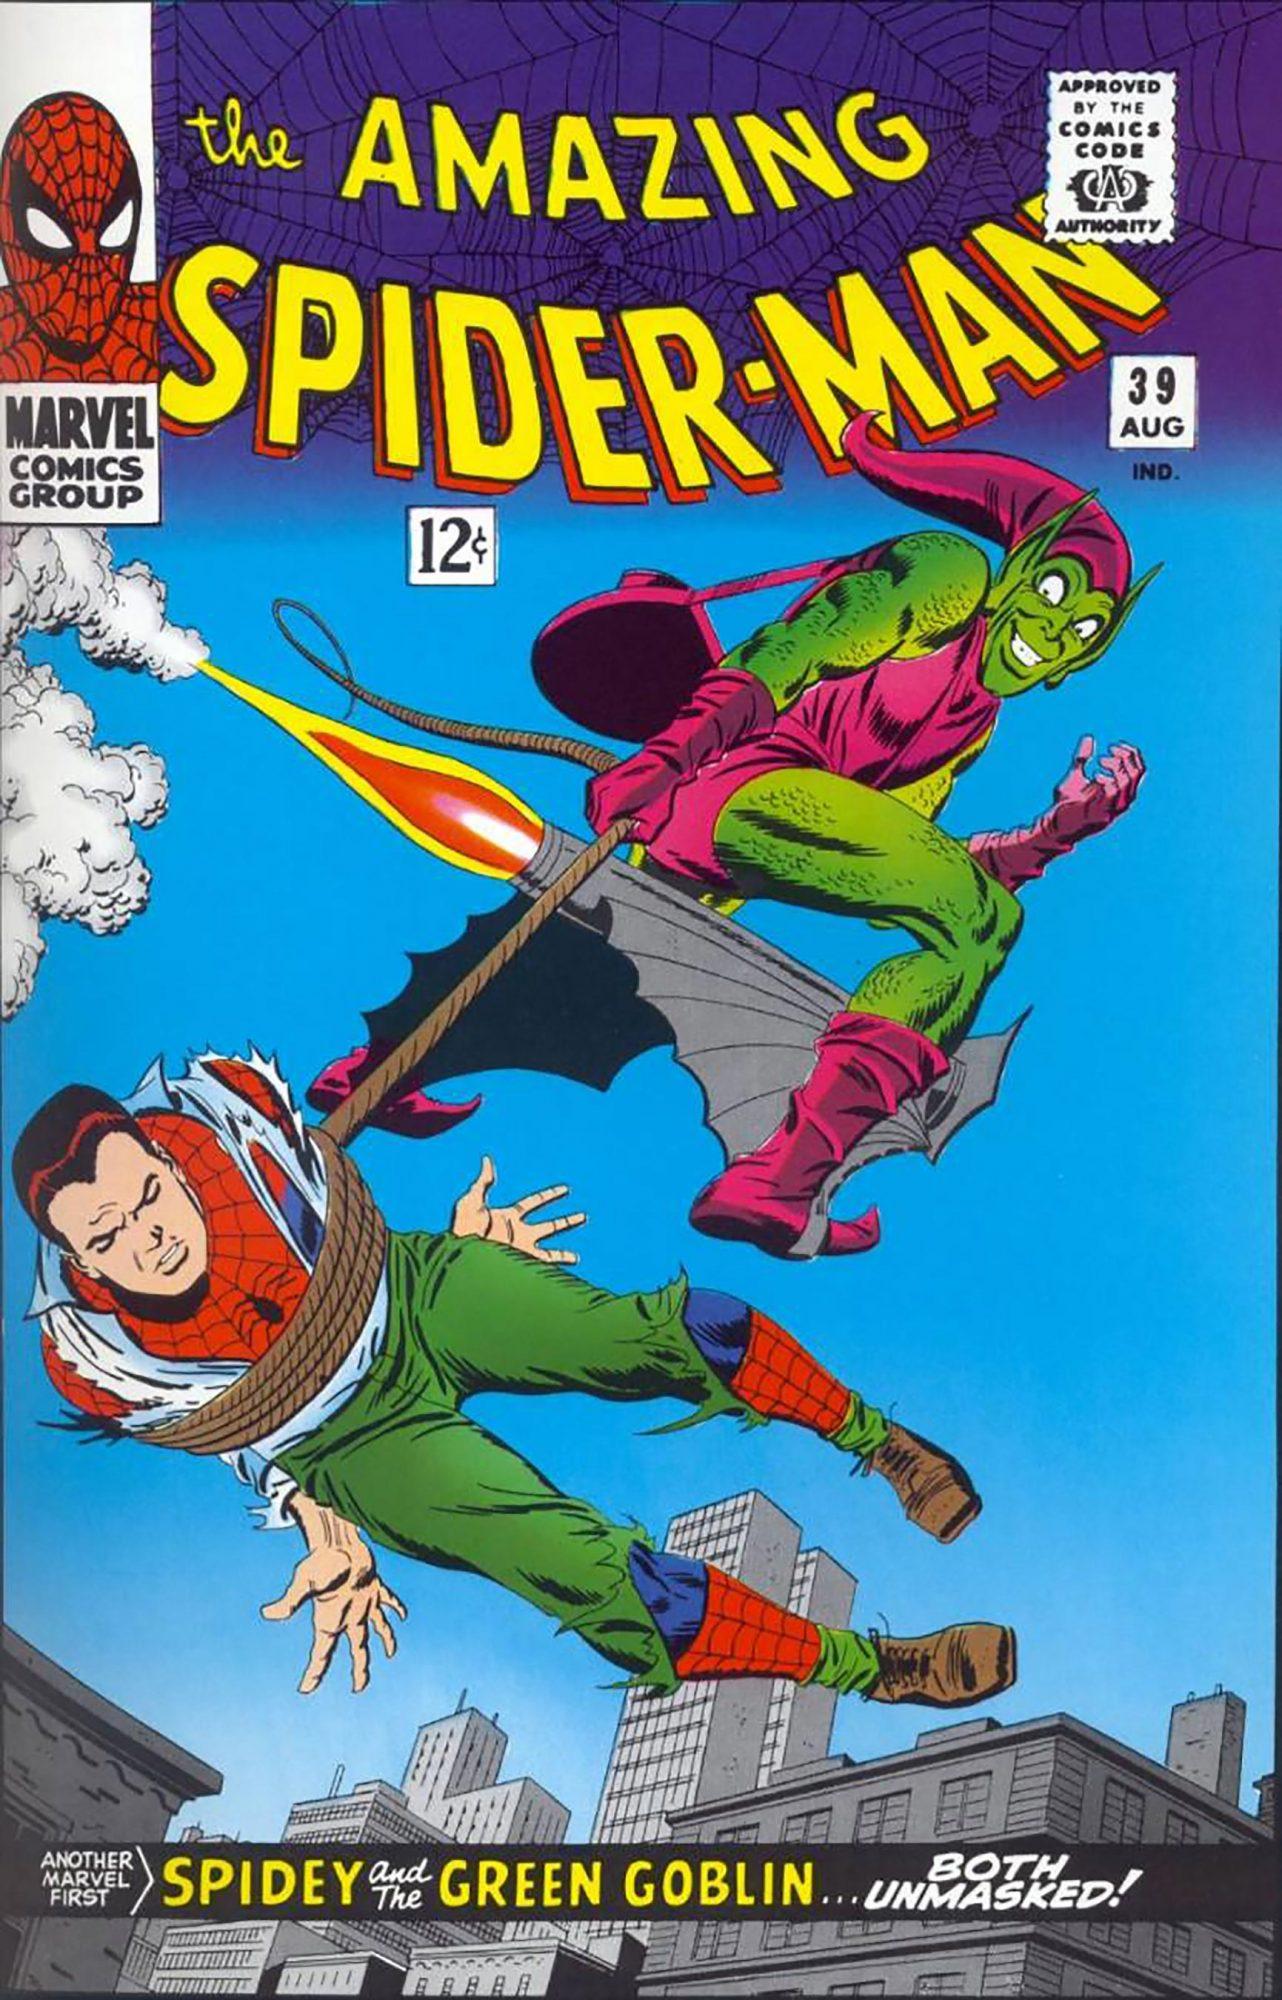 Amazing Spider-Man #39Artist: Steve Ditko, 1966